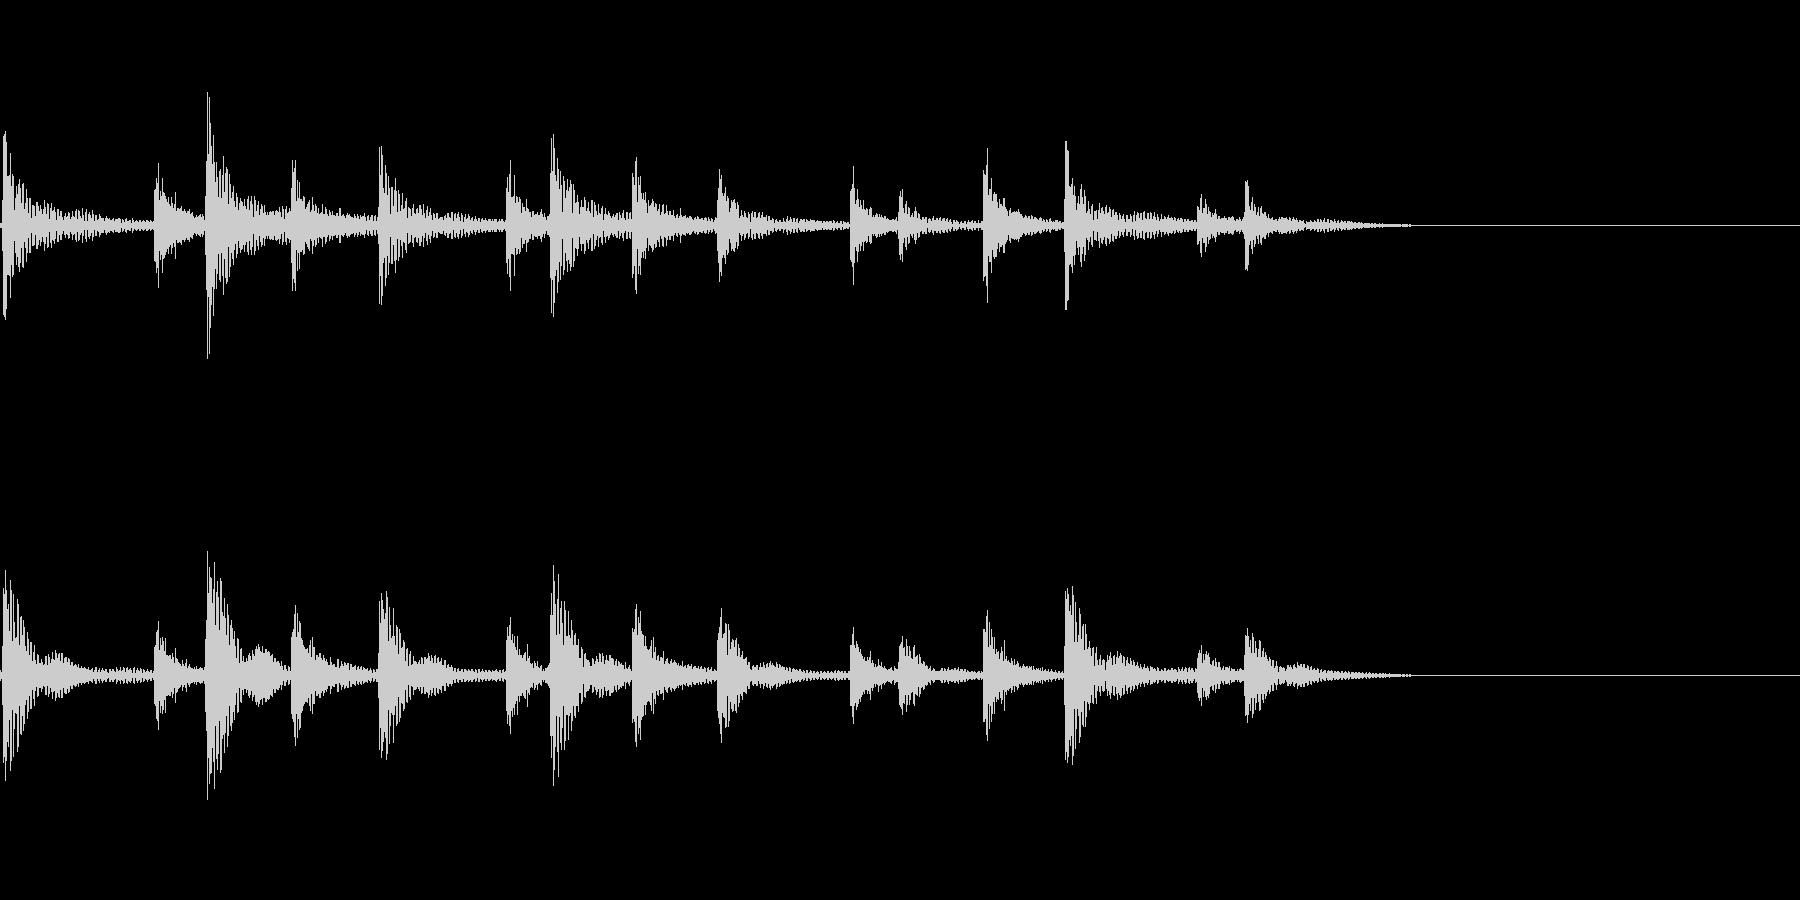 ティンパニリズム、(手つき)「オリ...の未再生の波形